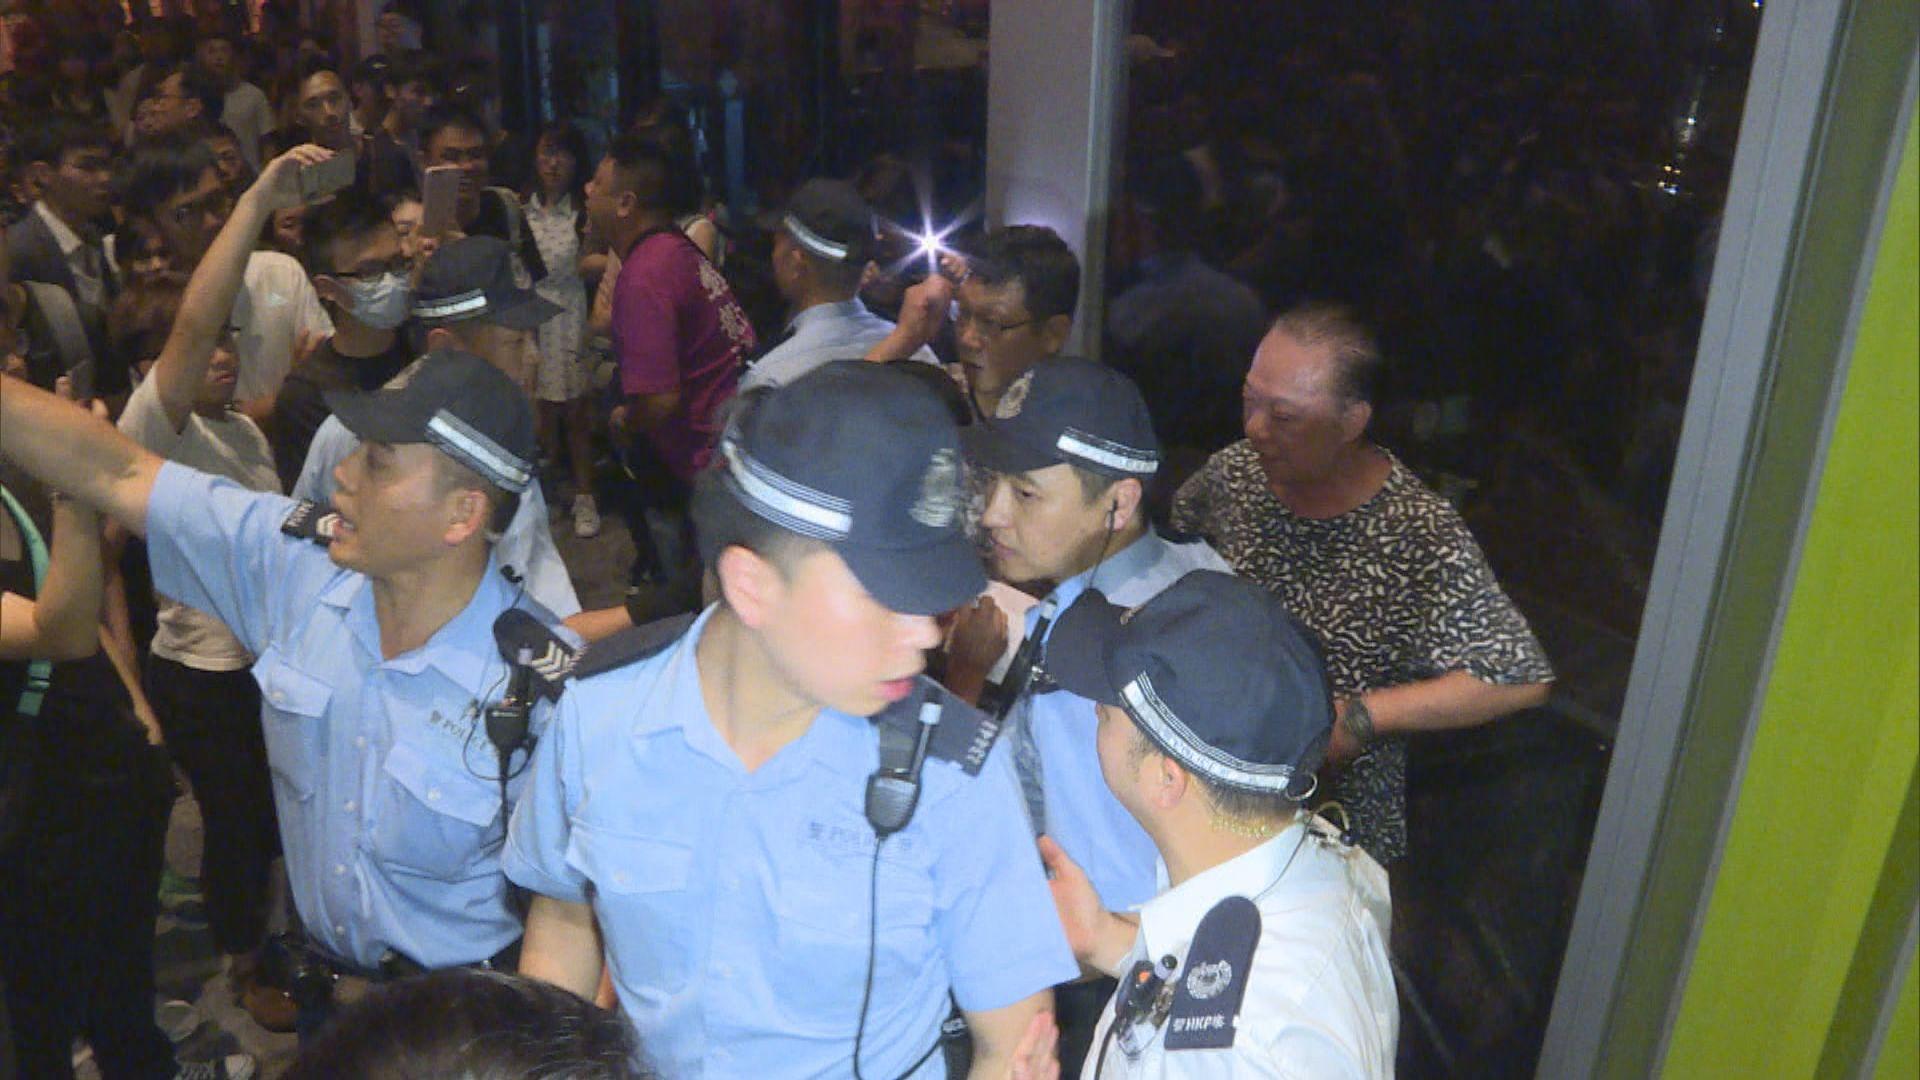 警員分隔支持及反對修例市民